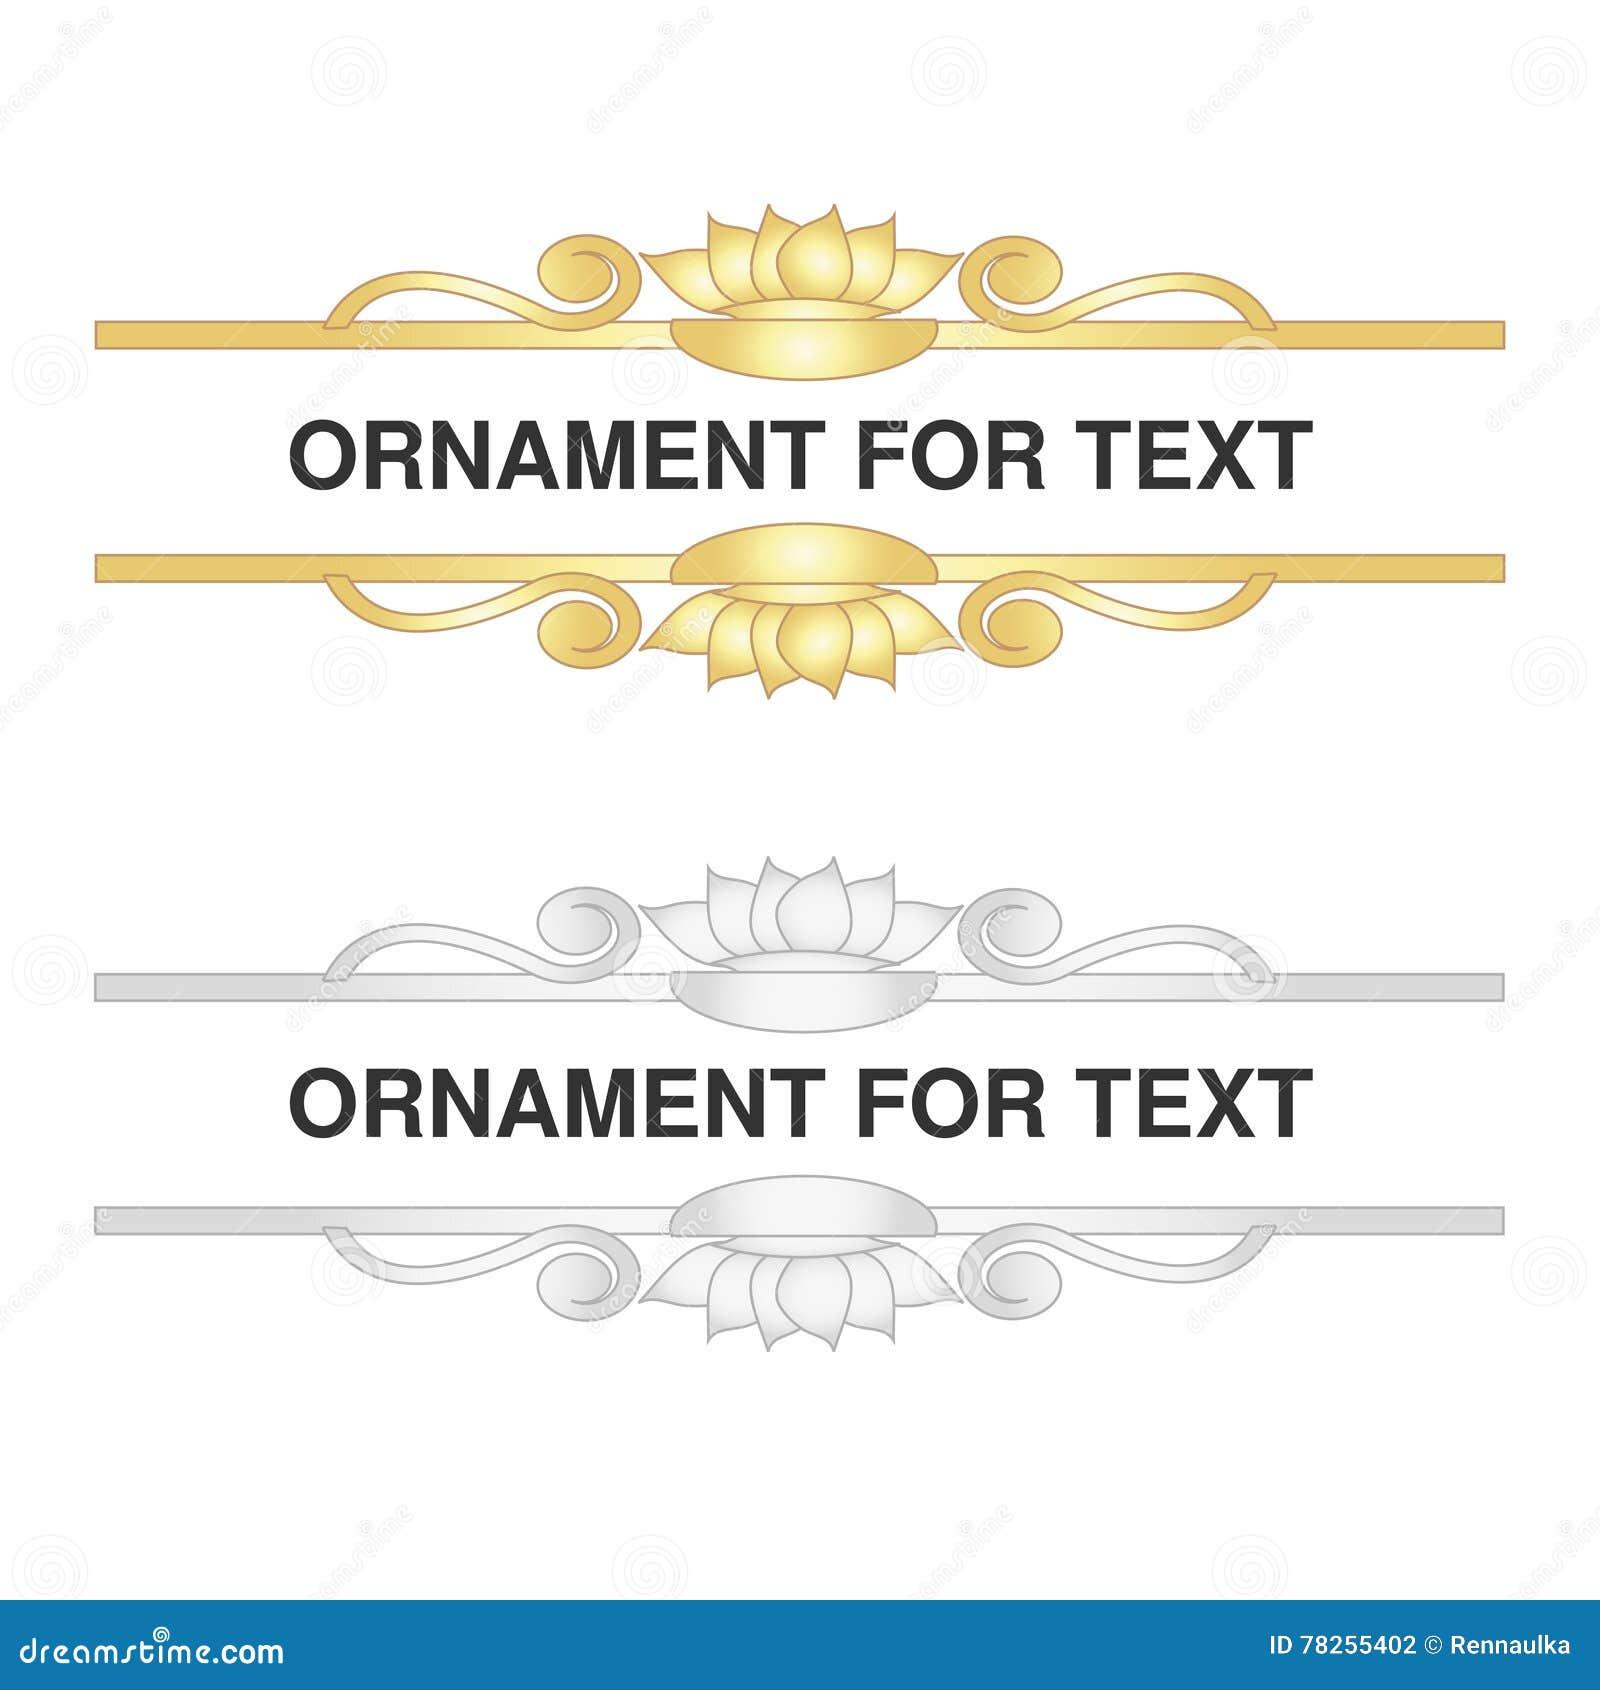 Αρχική χρυσή και ασημένια διακόσμηση για το κείμενο στο άσπρο υπόβαθρο Περίκομψες διακοσμητικές γραμμές